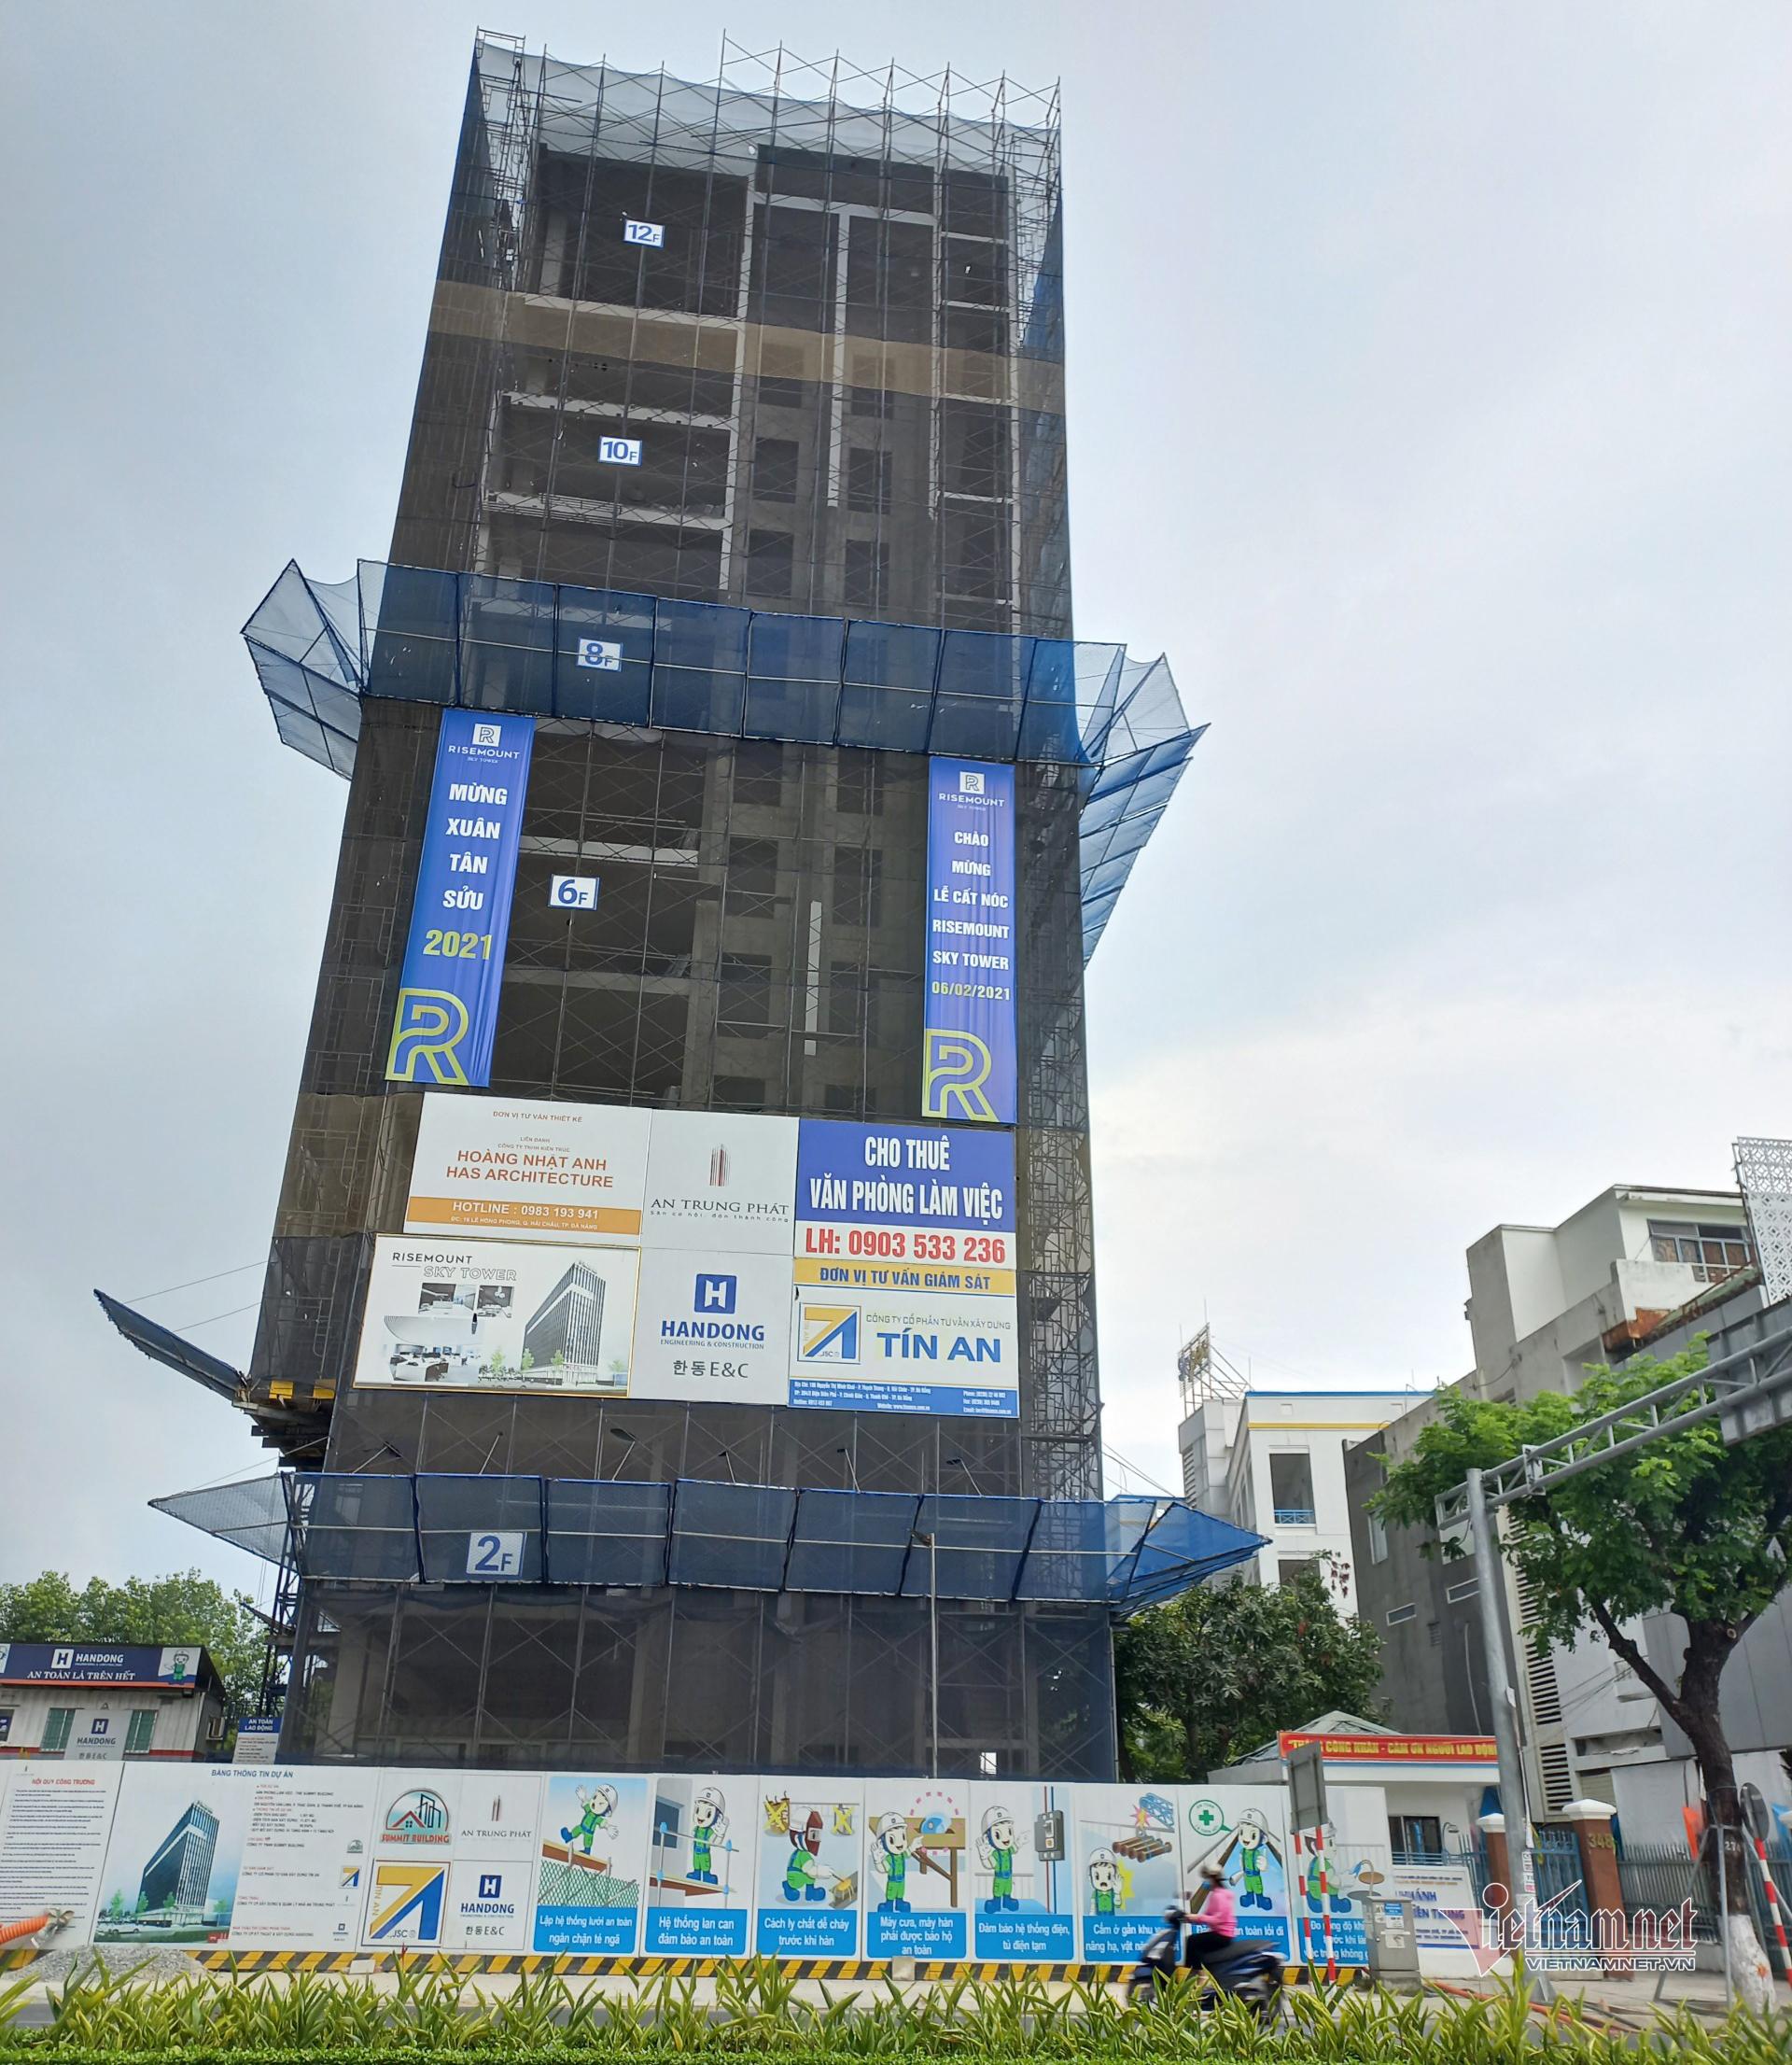 Cao ốc giữa trung tâm Đà Nẵng xây sai giấy phép bị phạt 150 triệu đồng